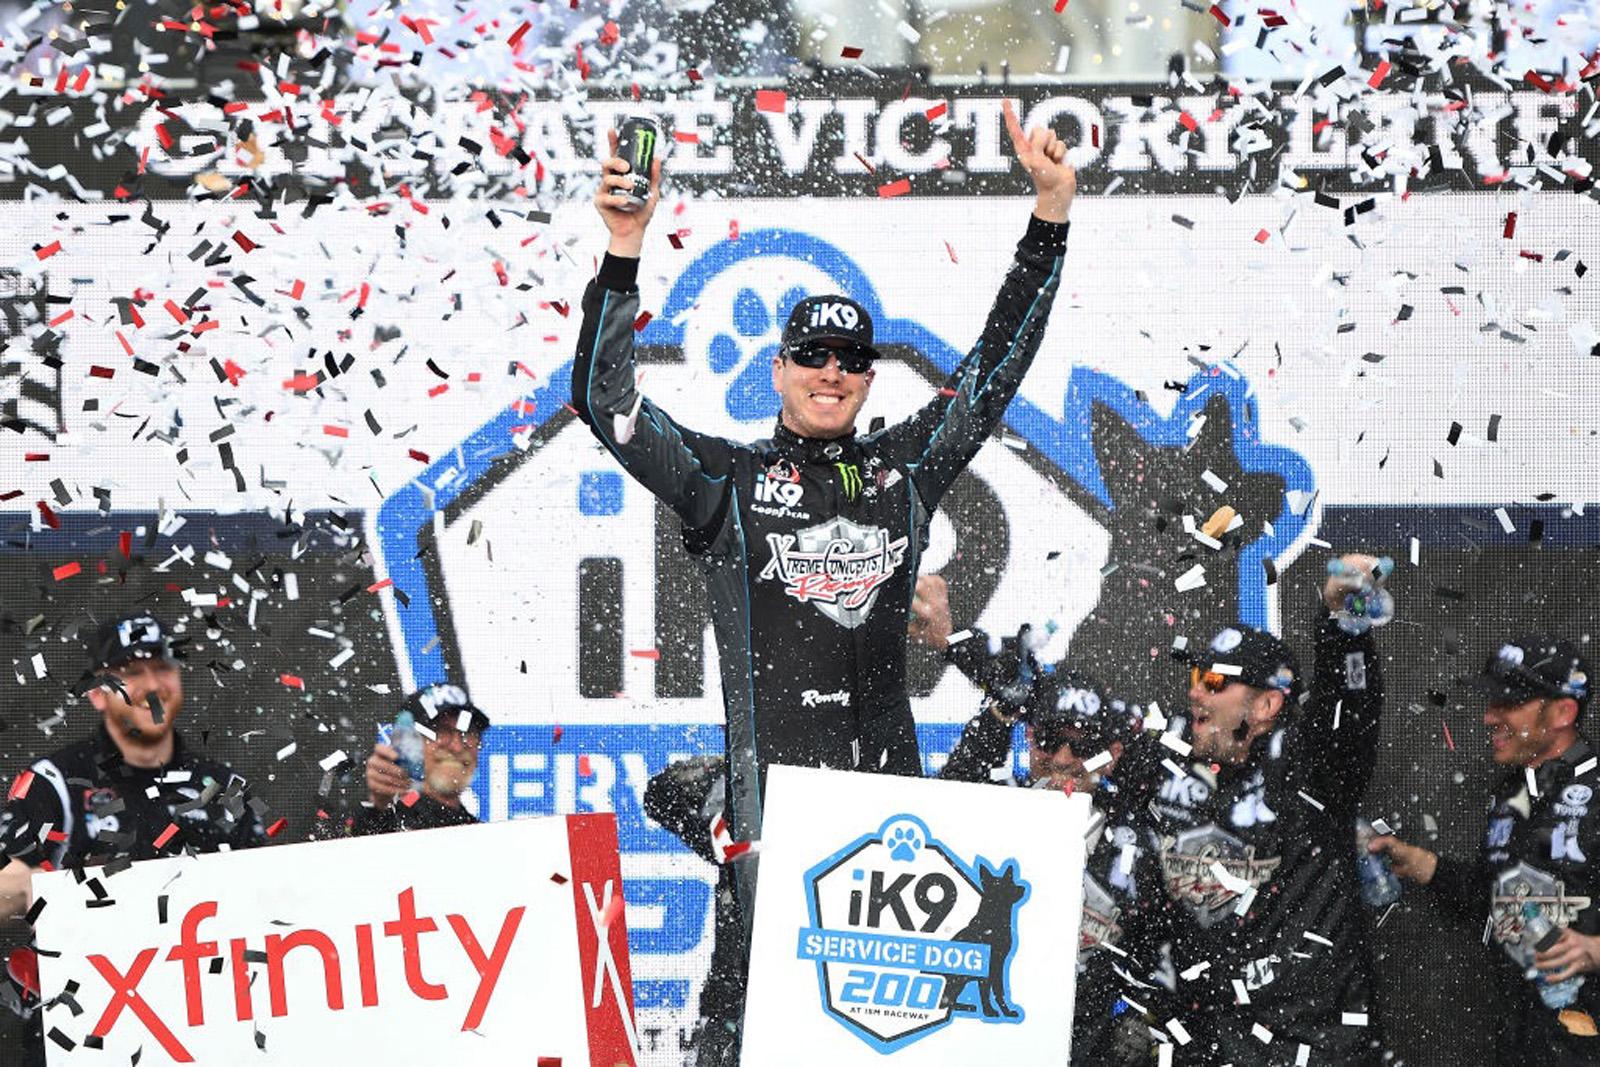 NASCAR Xfinity Series –  iK9 Service Dog 200